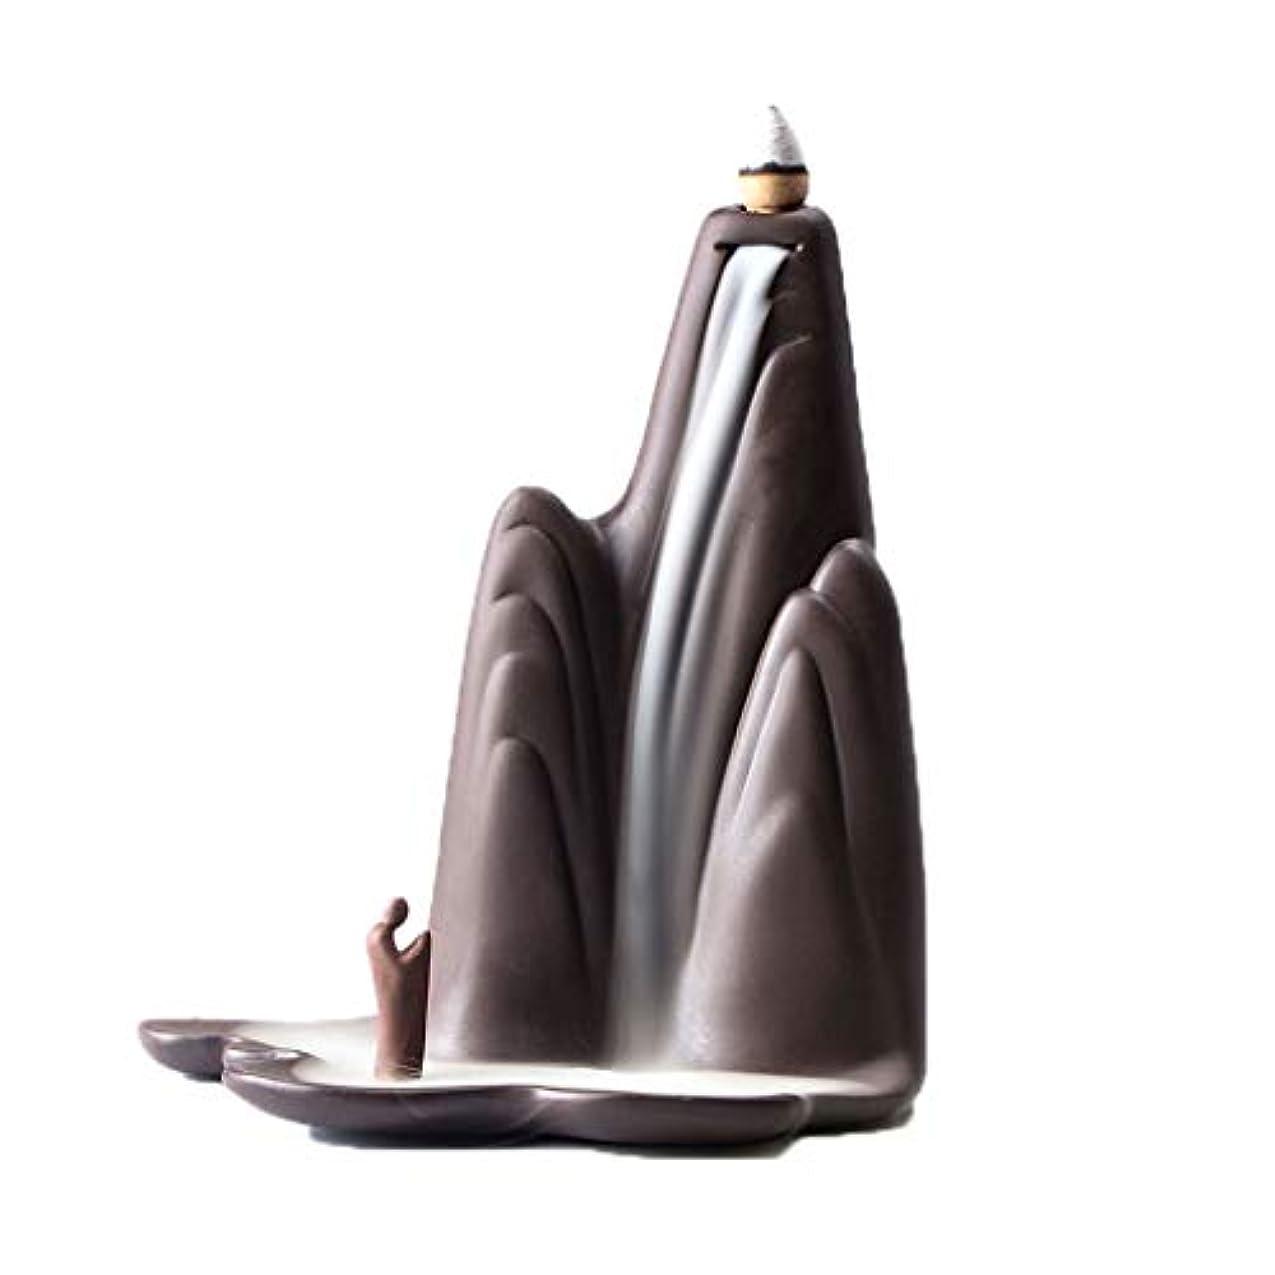 。ぴかぴか一時停止芳香器?アロマバーナー レトロな懐かしい香炉紫砂香バーナー屋内茶道香バーナーアロマセラピー炉 芳香器?アロマバーナー (Color : Purple sand)